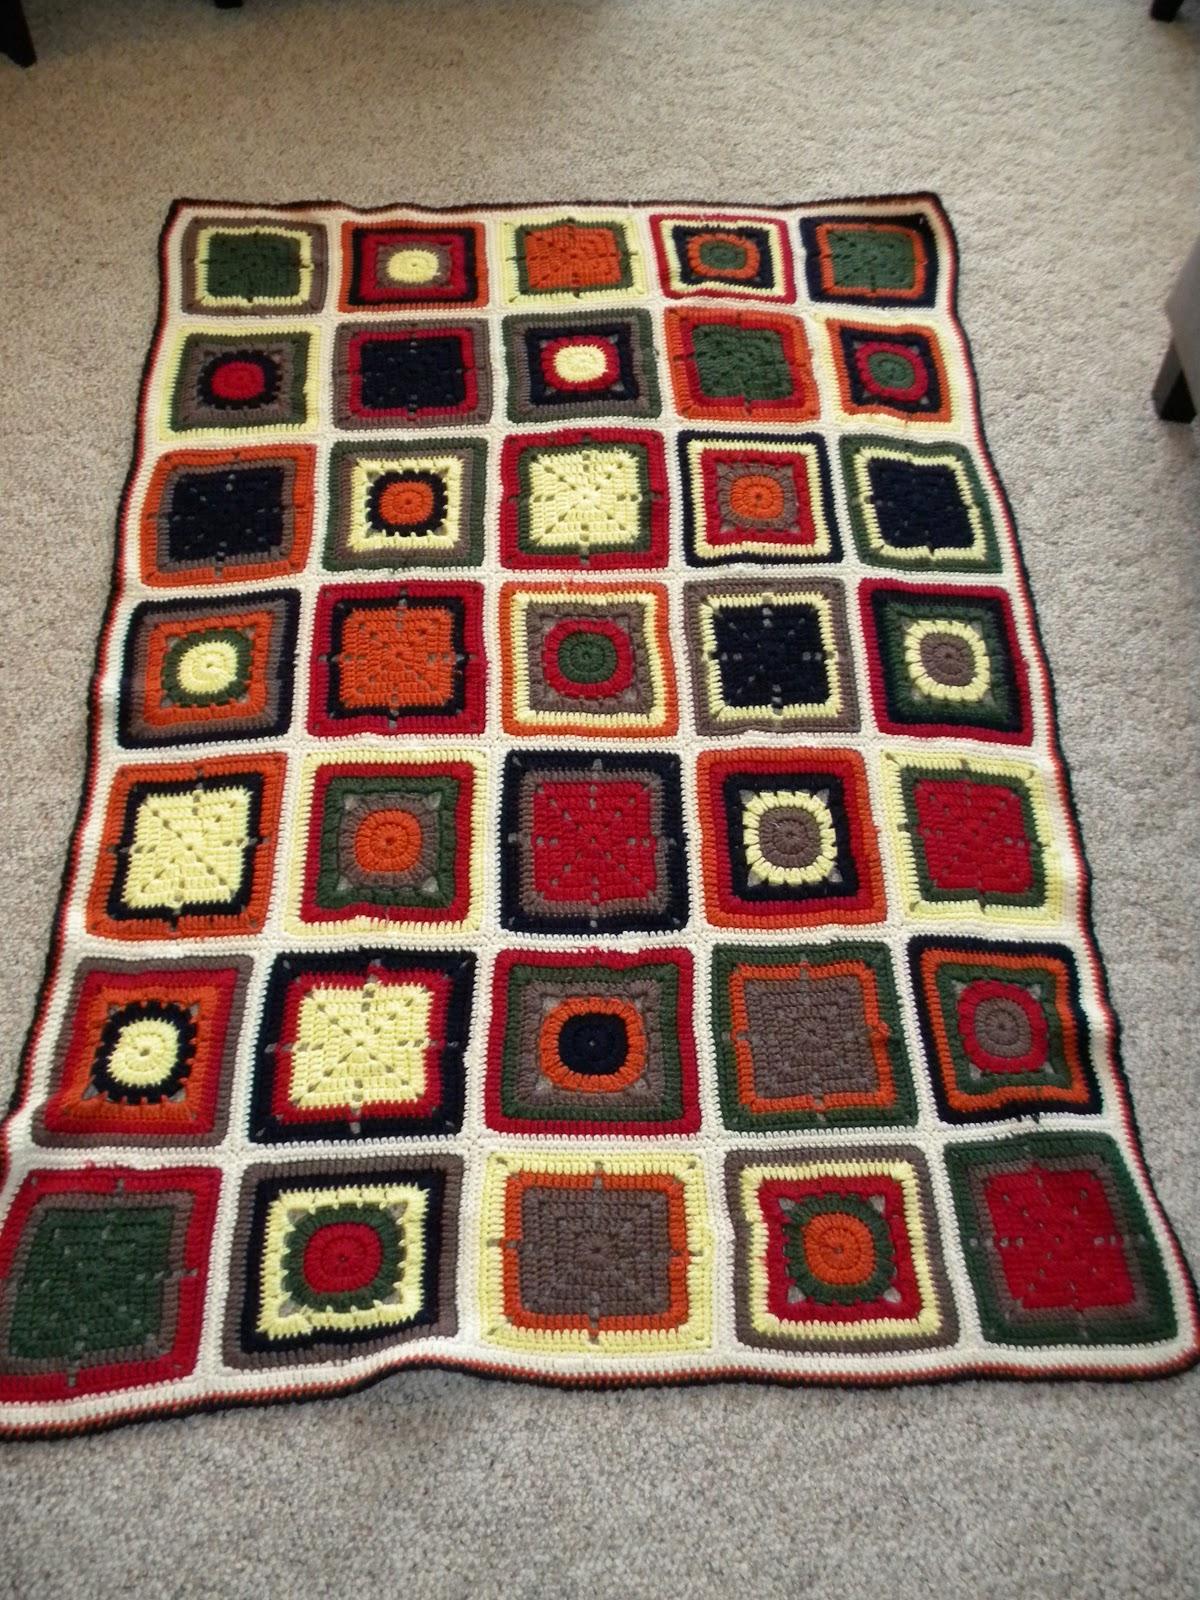 Crochet Patterns Patchwork Quilt : Knotty Knotty Crochet: Patchwork Quilt